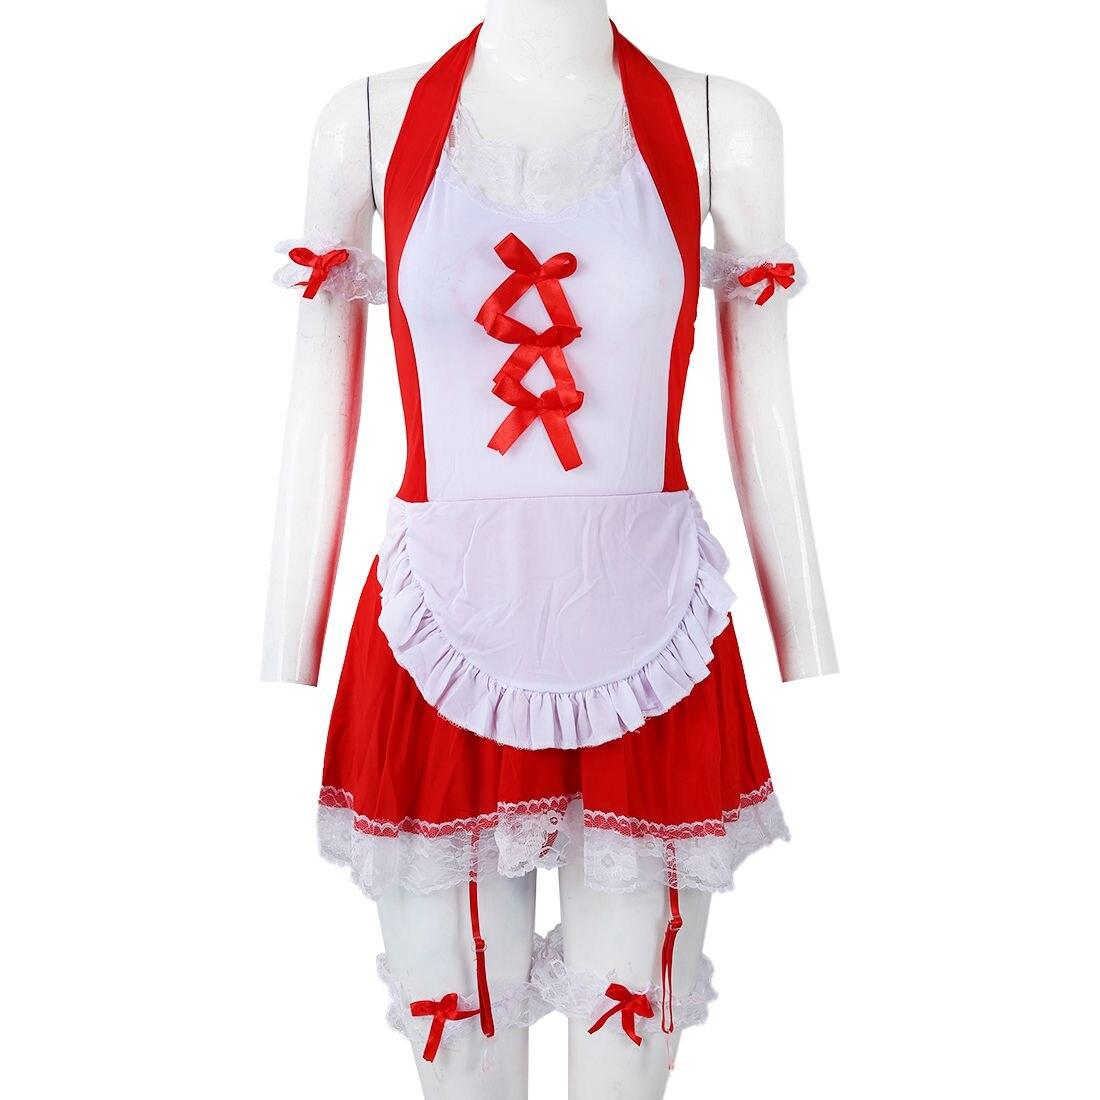 Nouvelle lingerie Sexy chaude érotique lingerie sexy Vilain sexy Maid Costumes robe sexy sous-vêtements jeu de rôle kimono pour les femmes rouge